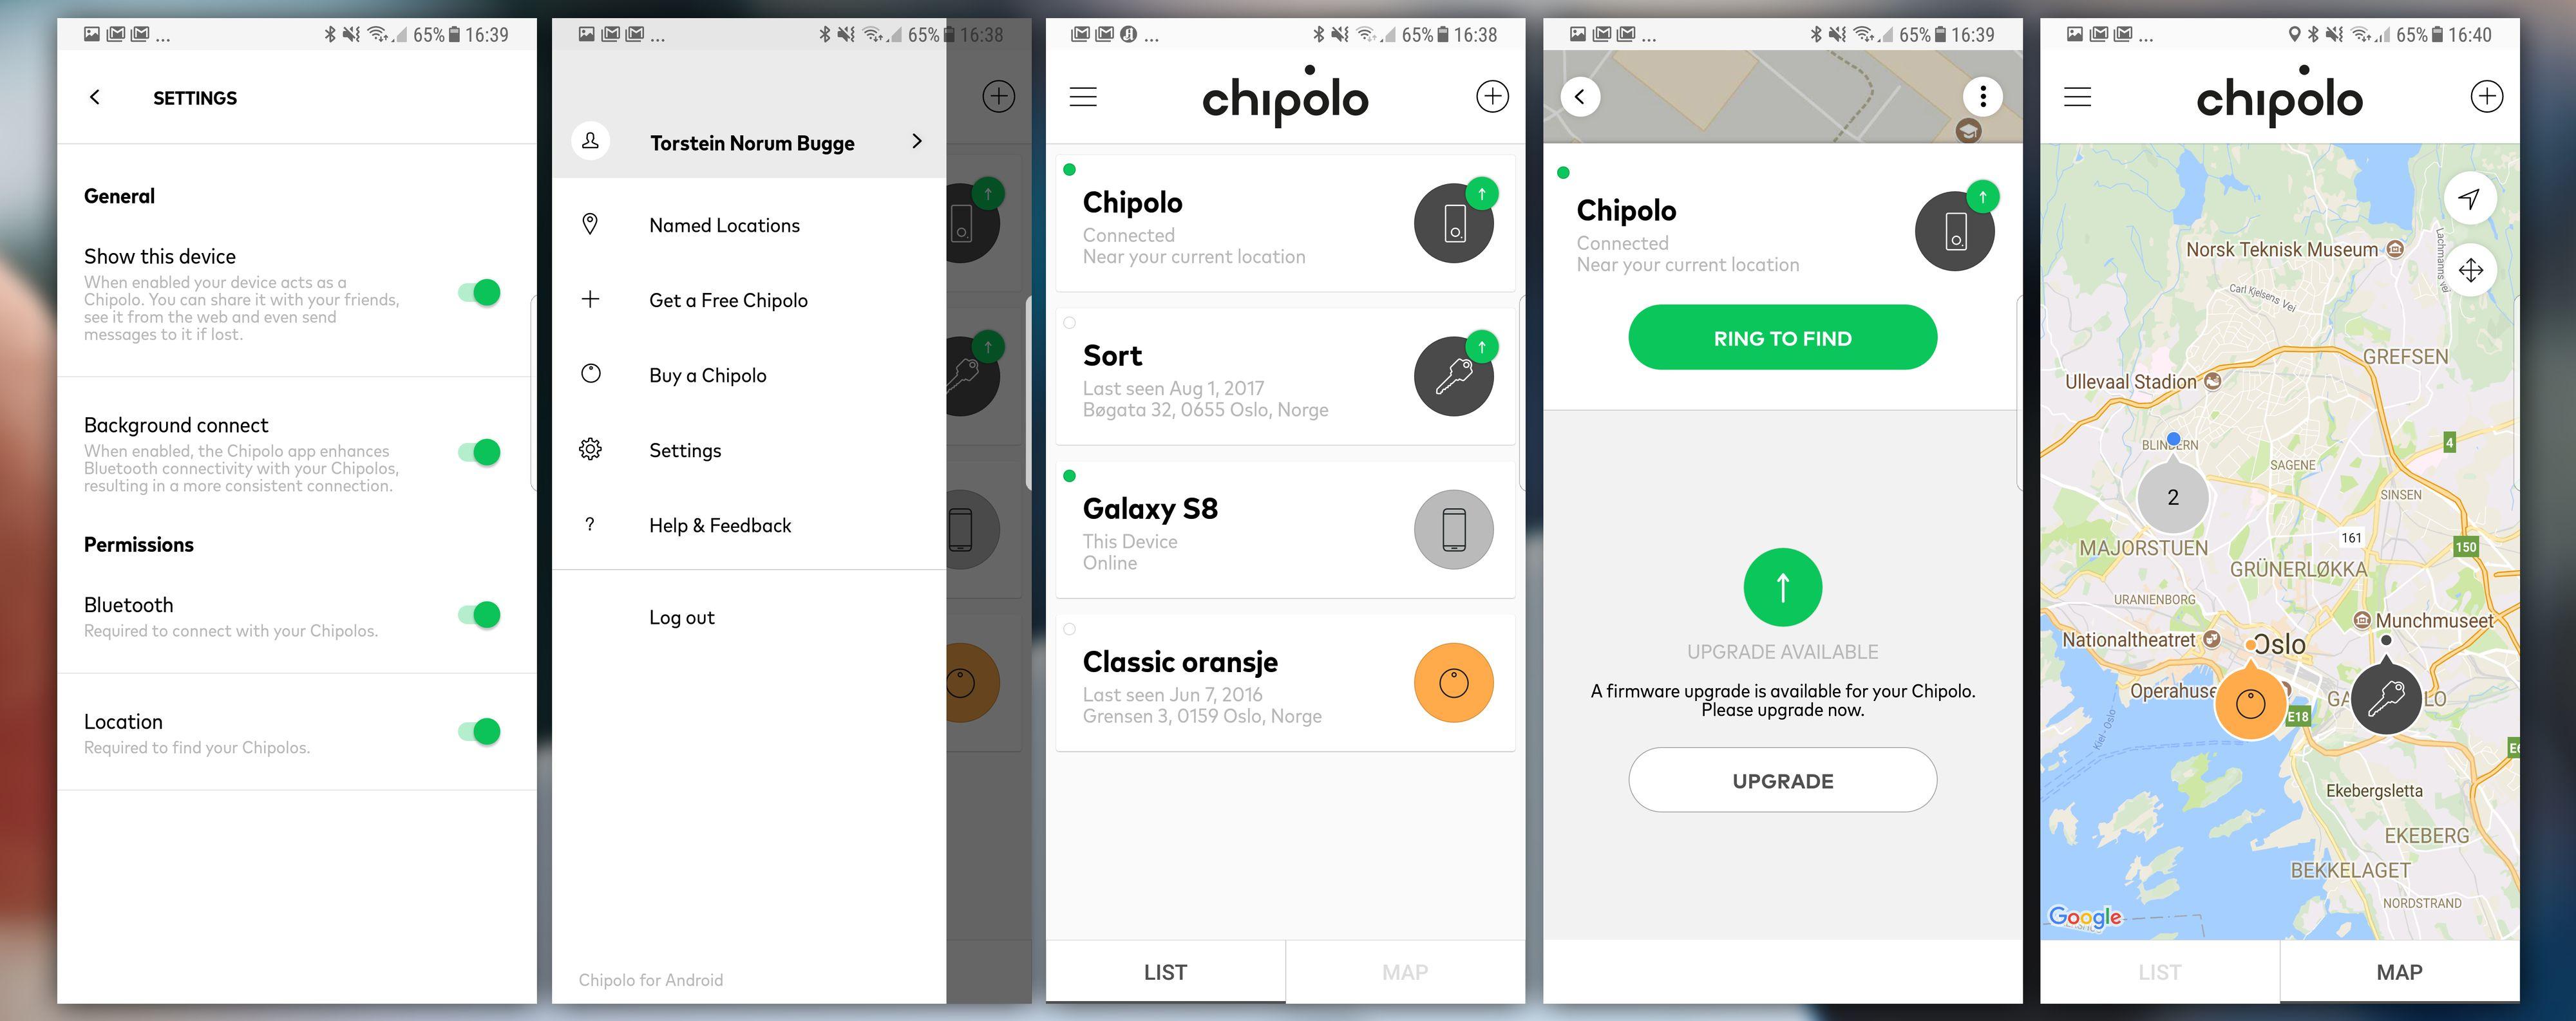 Chipolo-appen fungerer supert.